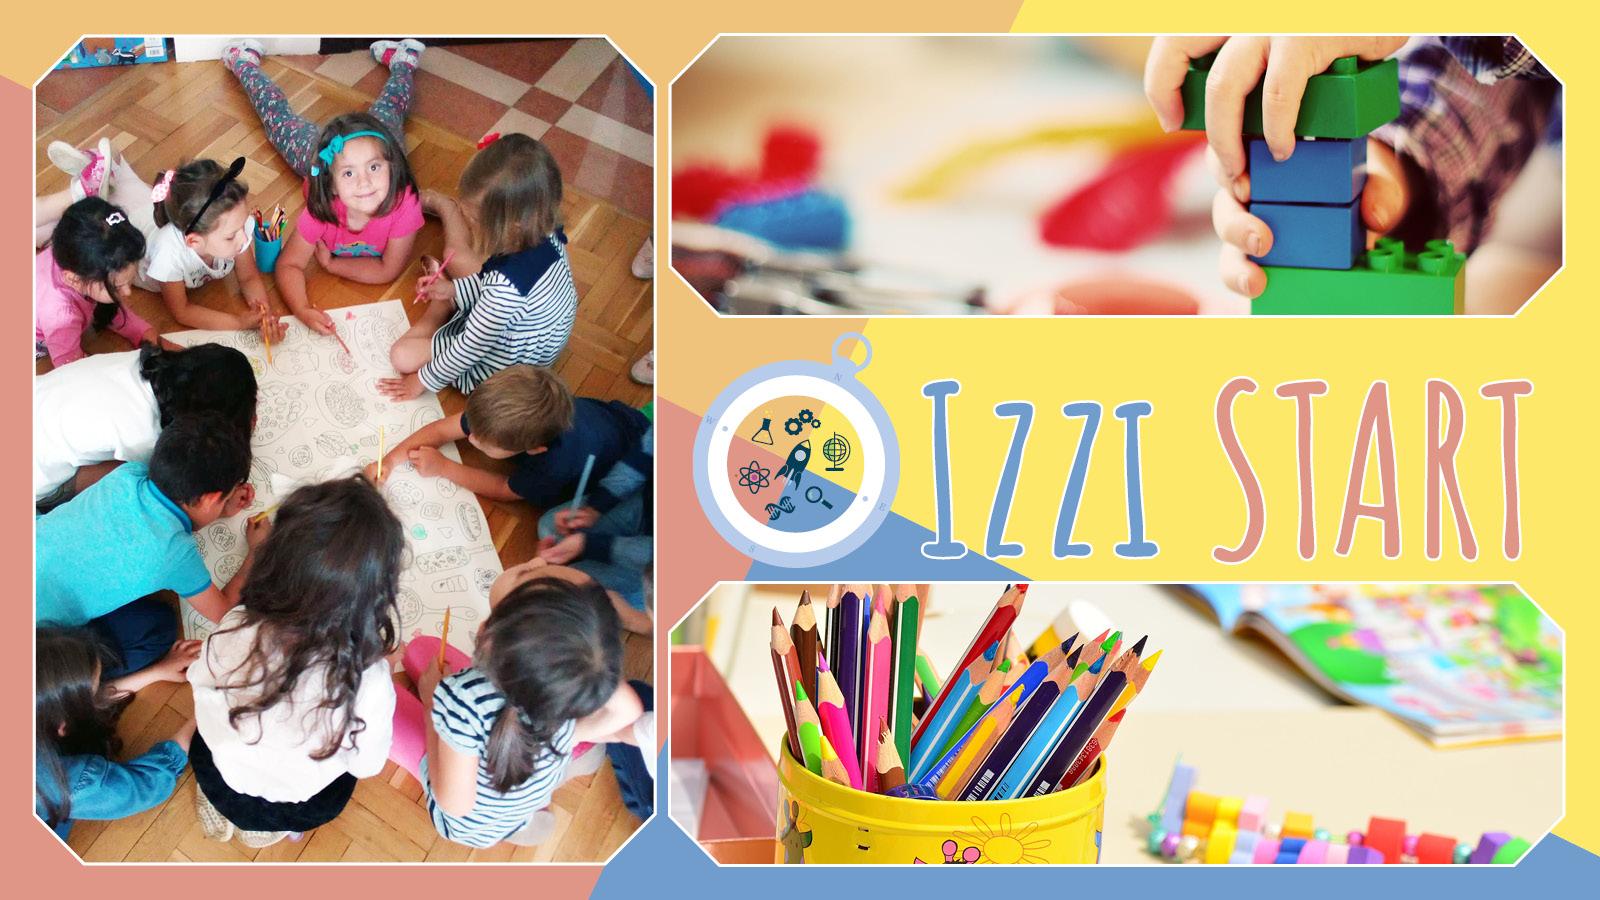 Izzi Start предлага устойчиво обучение за деца от 3 до 5 години